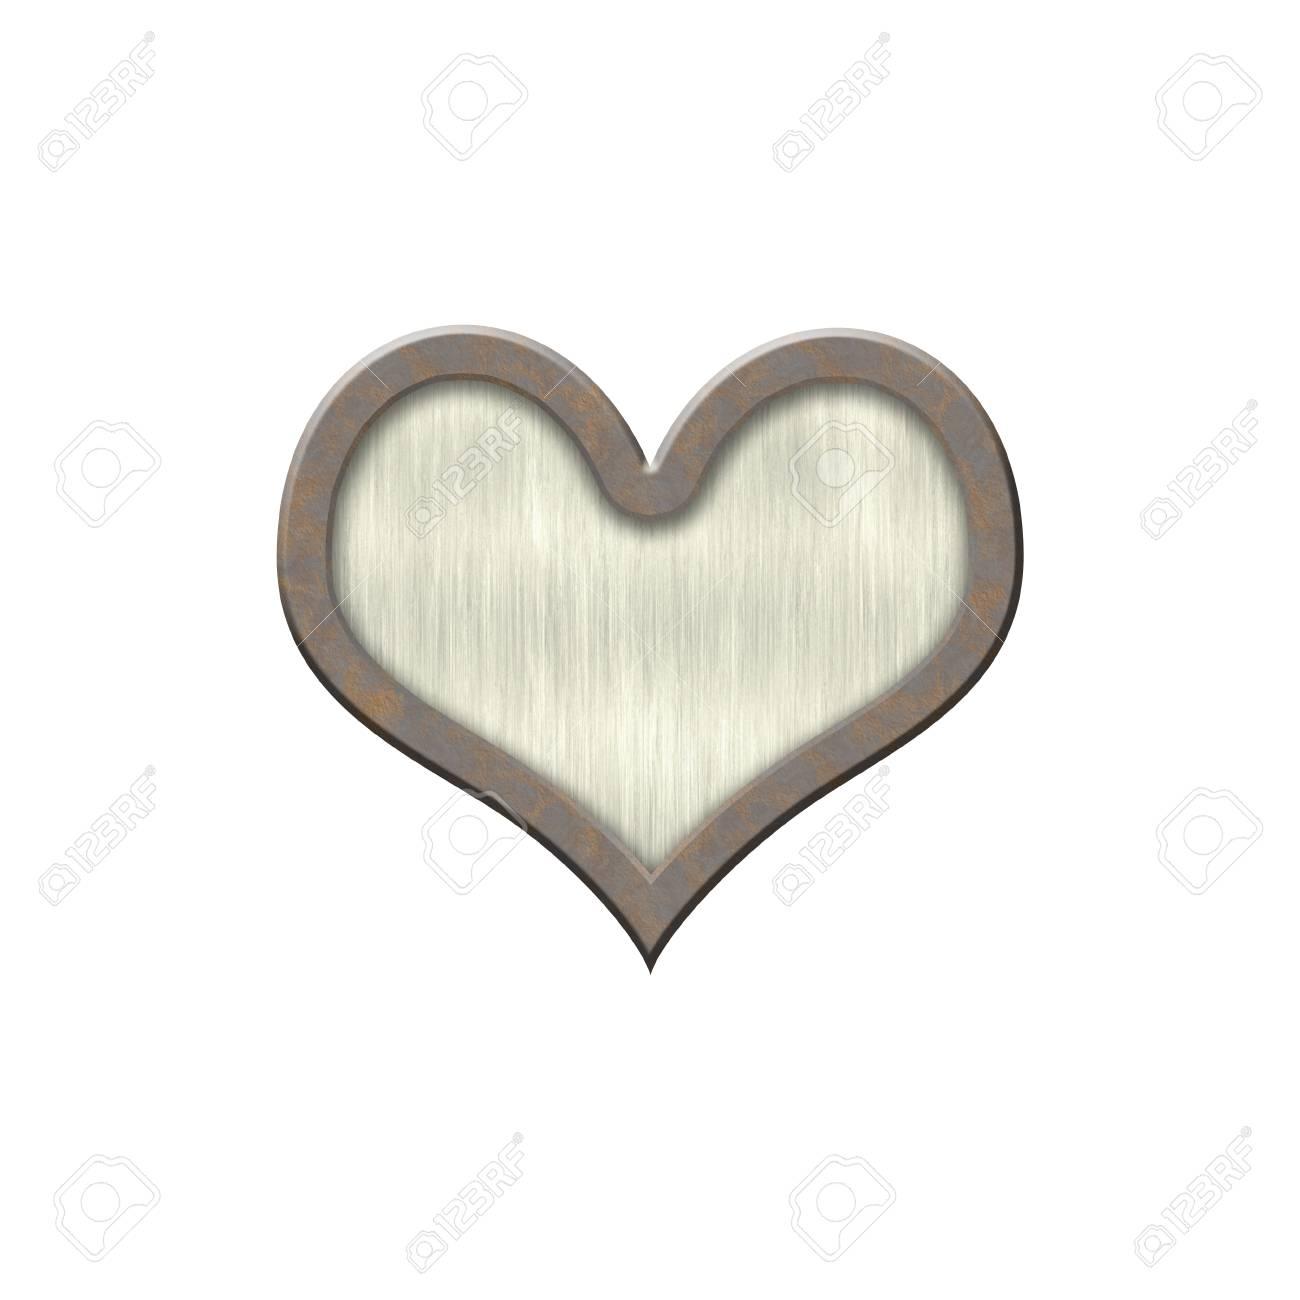 Ungewöhnlich Bild Des Herzens Und Seiner Teile Zeitgenössisch ...